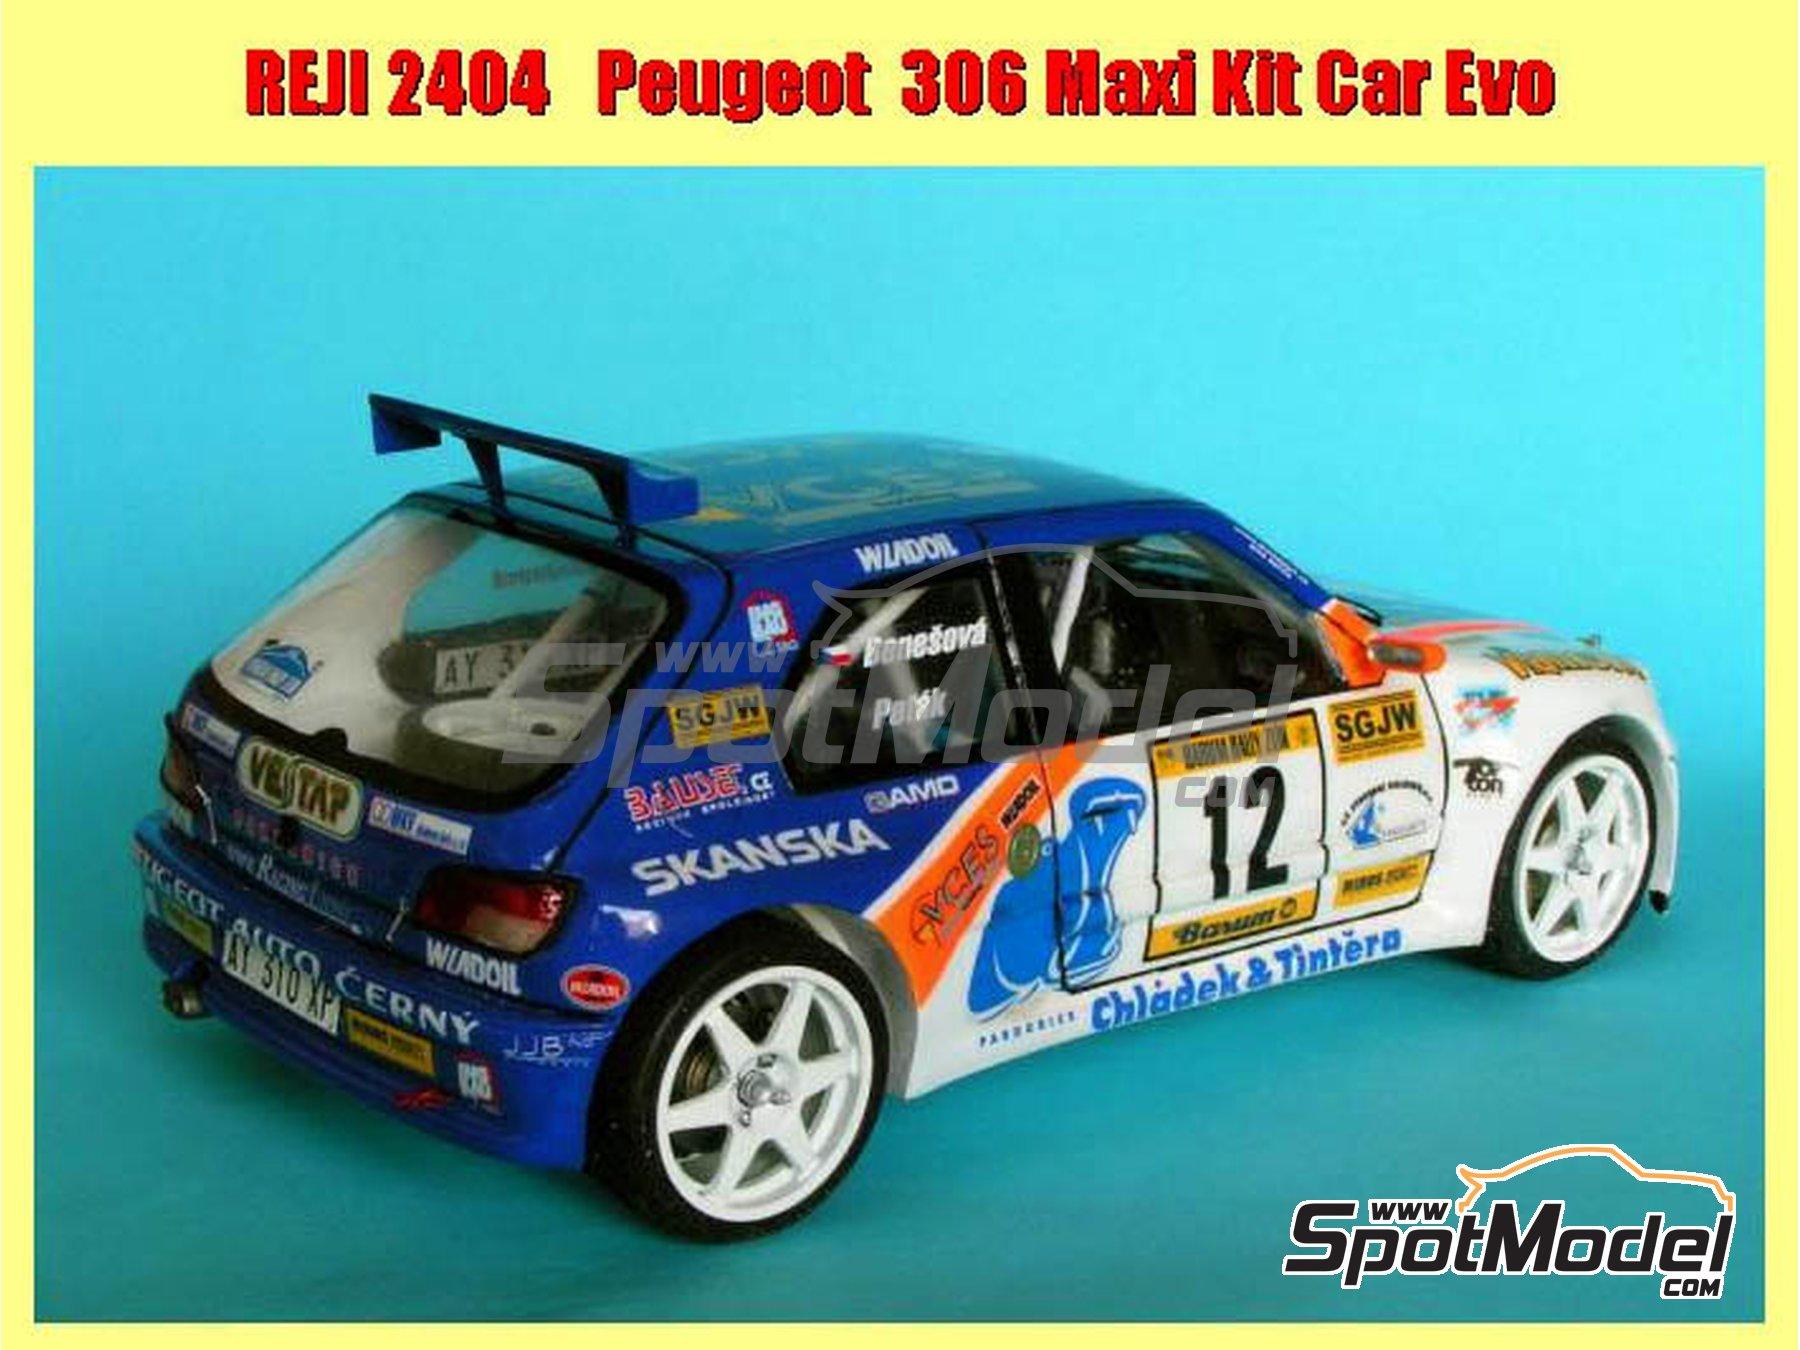 Image 4: Peugeot 306 Maxi Kit Car Evo Total - Rally Barum de la Republica Checa 2004 | Maqueta de coche en escala1/24 fabricado por Reji Model (ref.REJI-2404, tambien 2404)